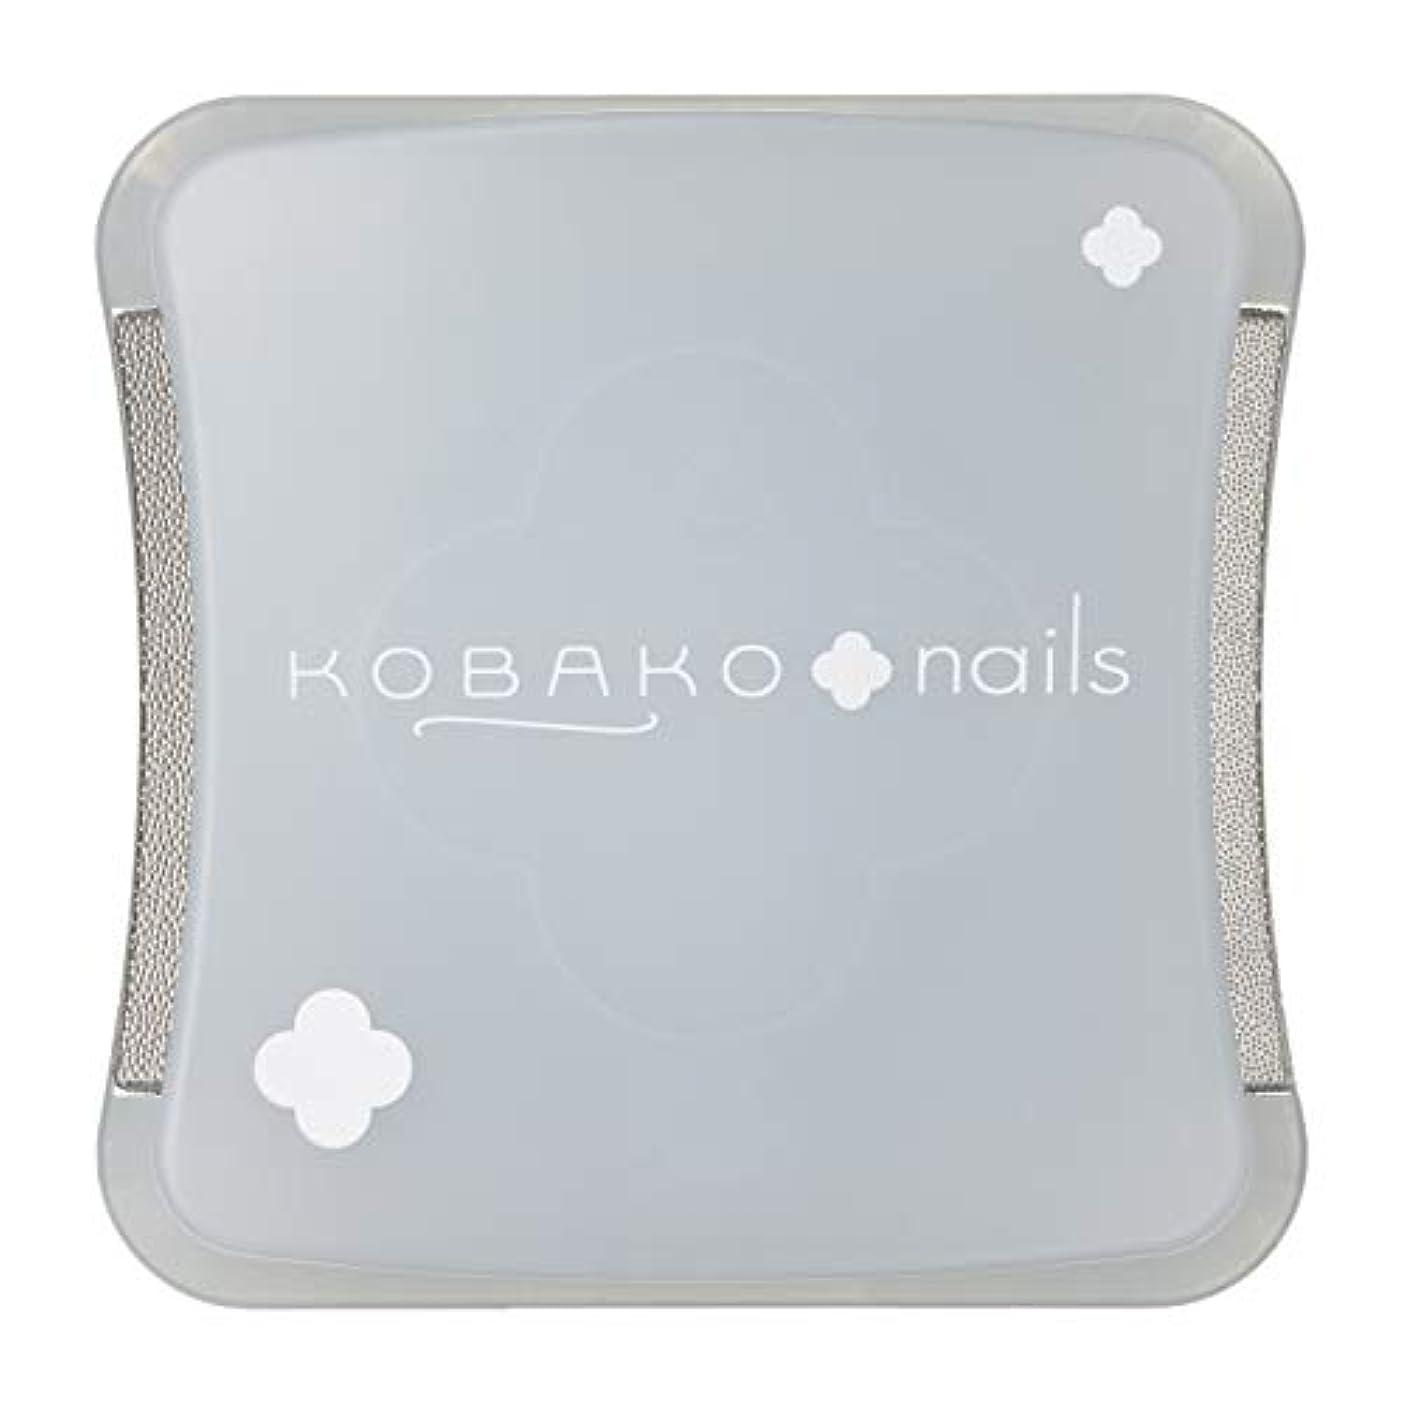 鎖一瞬論争KOBAKO(コバコ) コンパクトネイルファイル